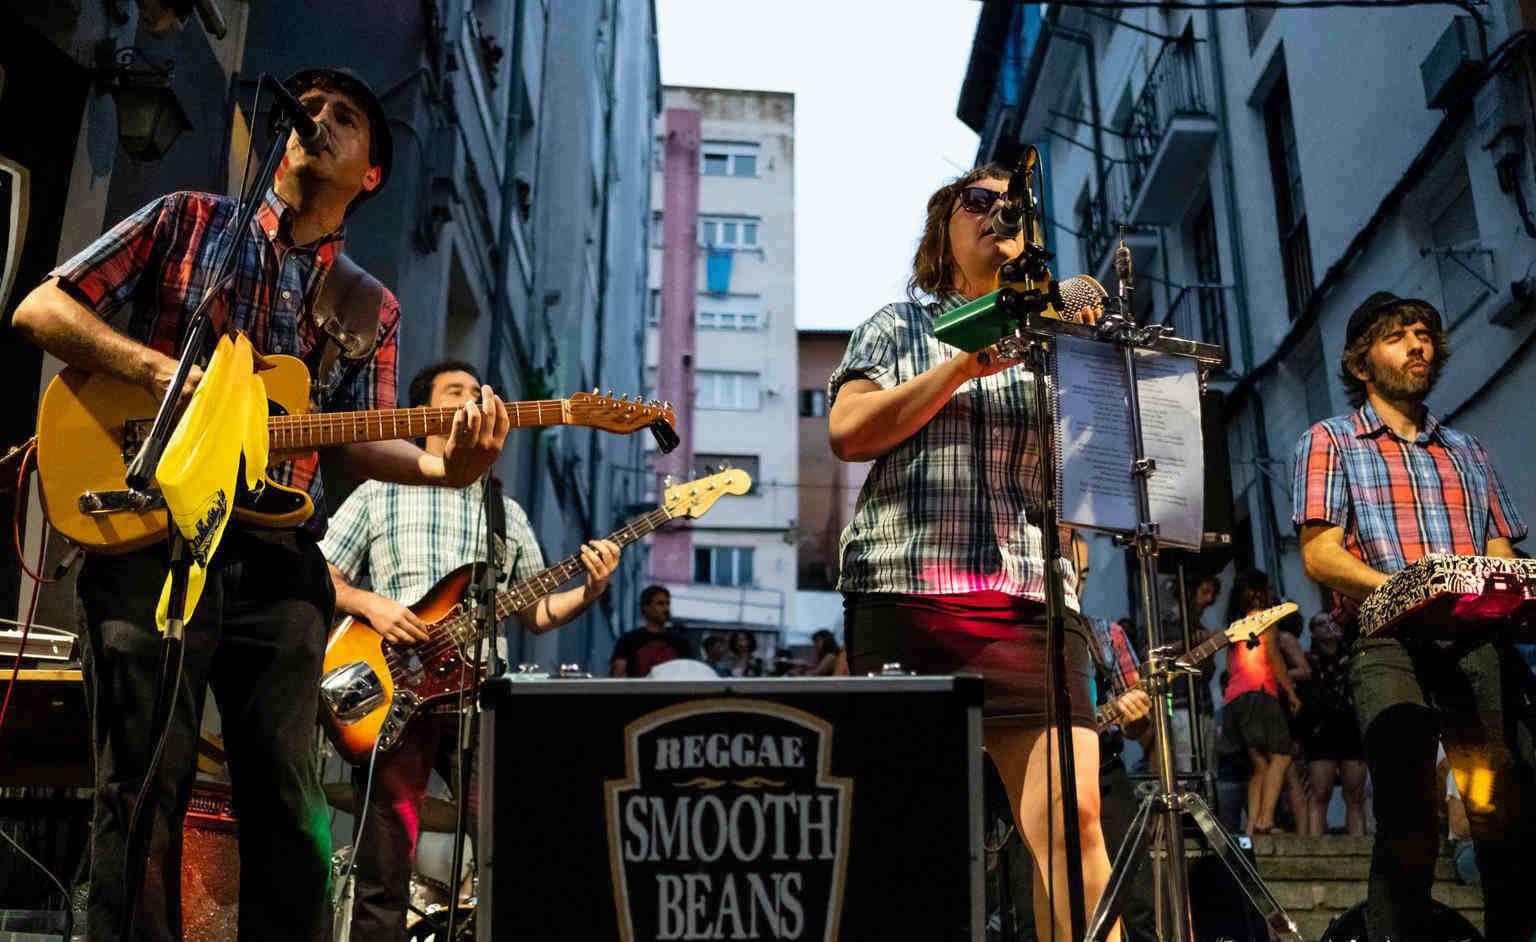 El reggae y el ska toman Santander en el II Smooth Beans Jamboree